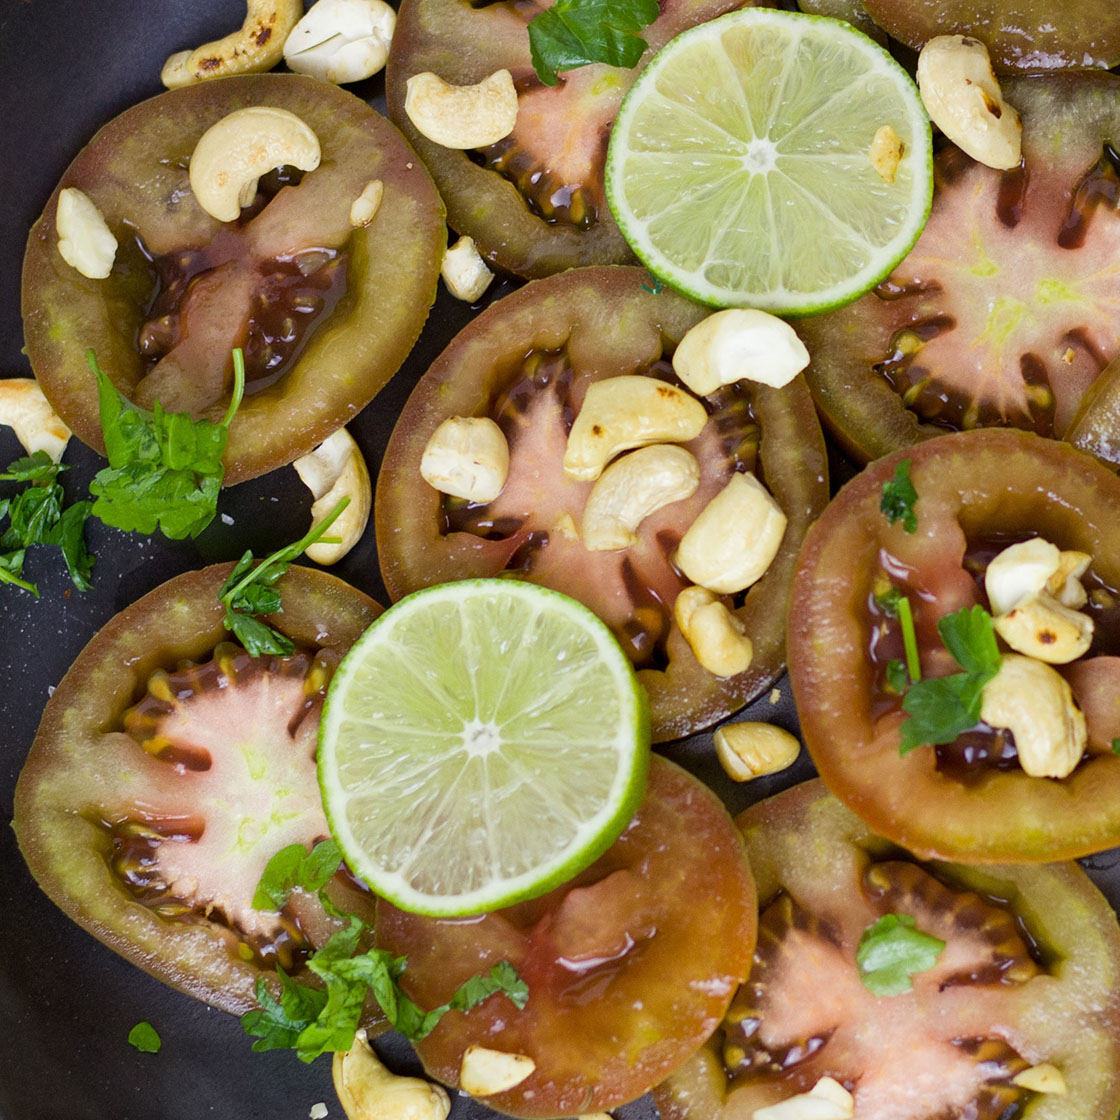 Insalata di pomodori verdi, anacardi e lime